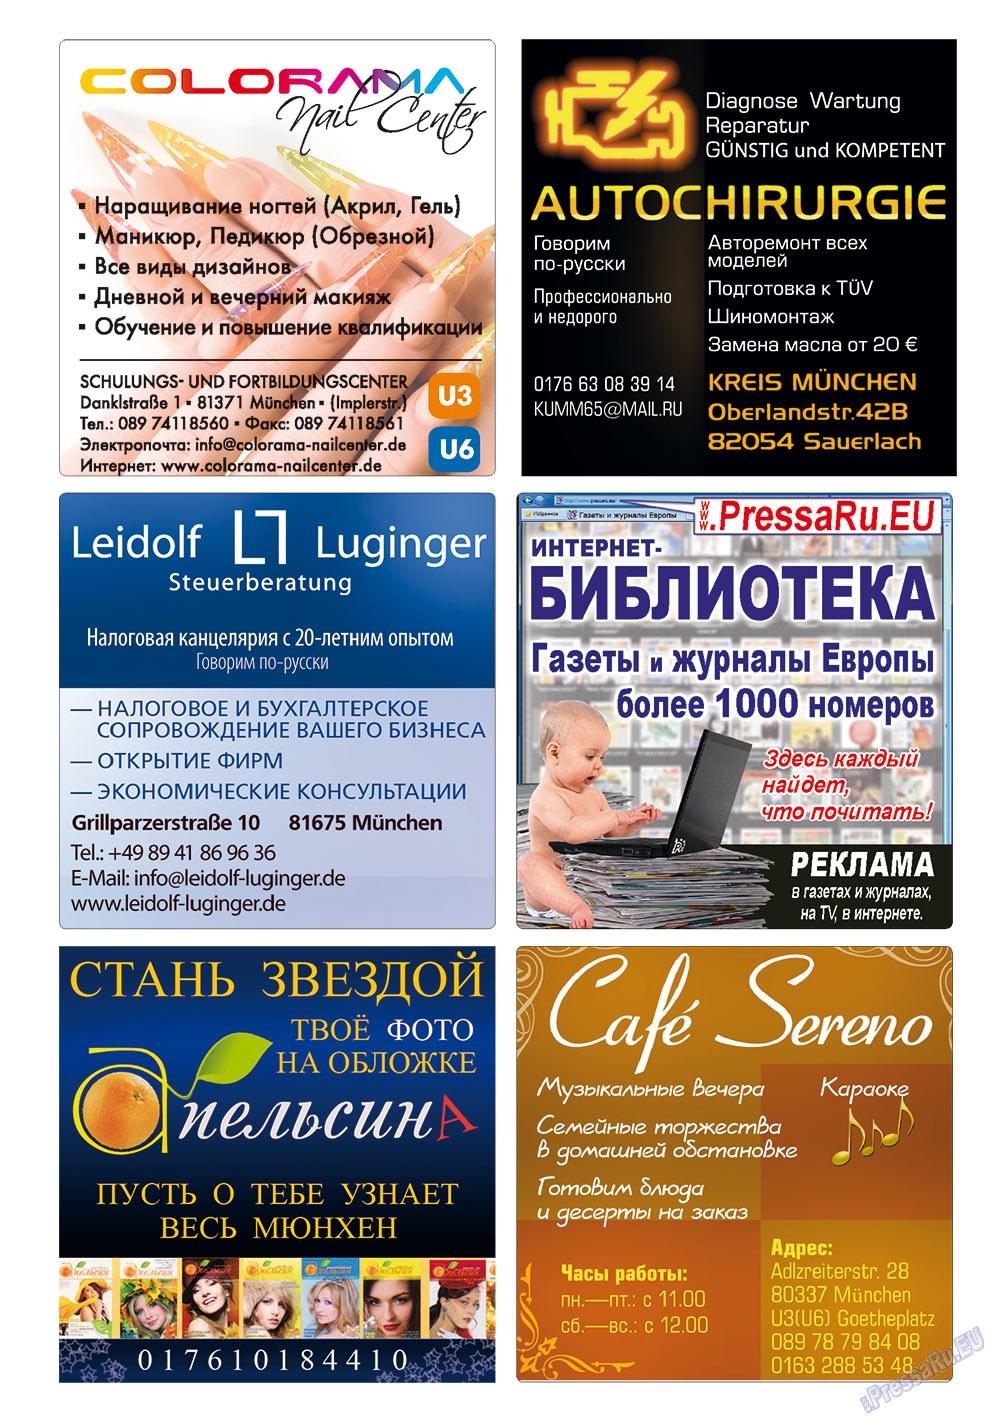 Апельсин (журнал). 2011 год, номер 24, стр. 46